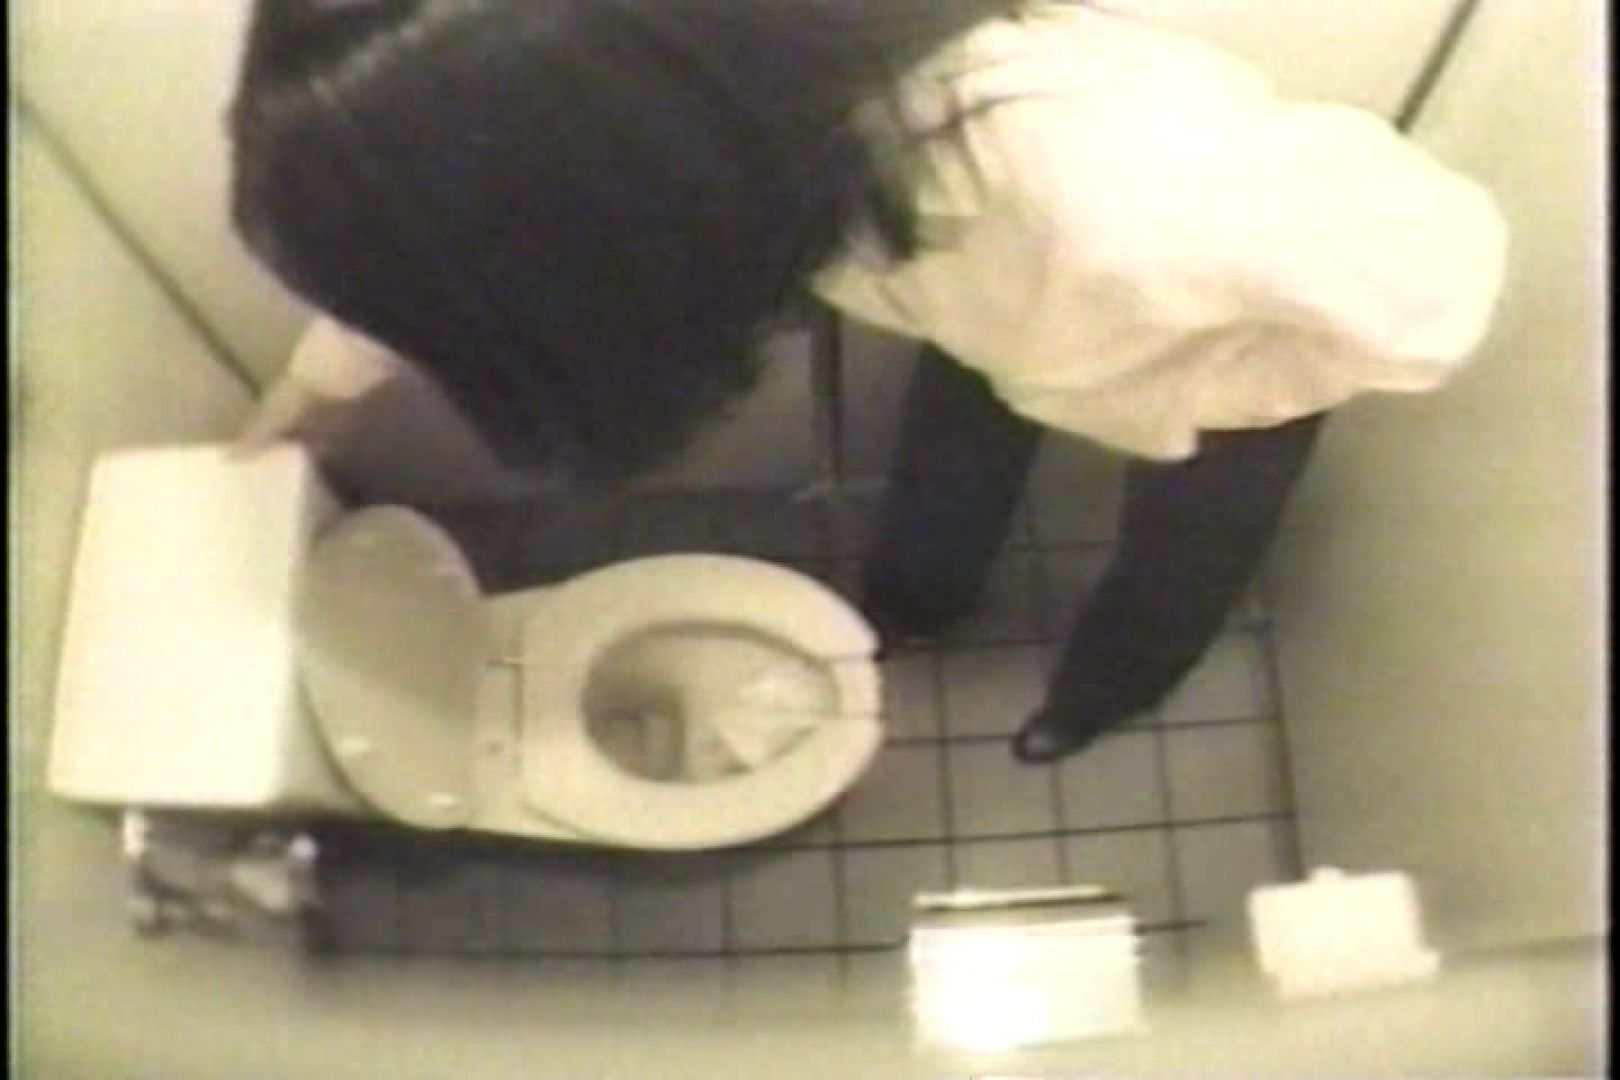 盗撮 女子洗面所3ヶ所入ってしゃがんで音出して プライベート  67pic 44